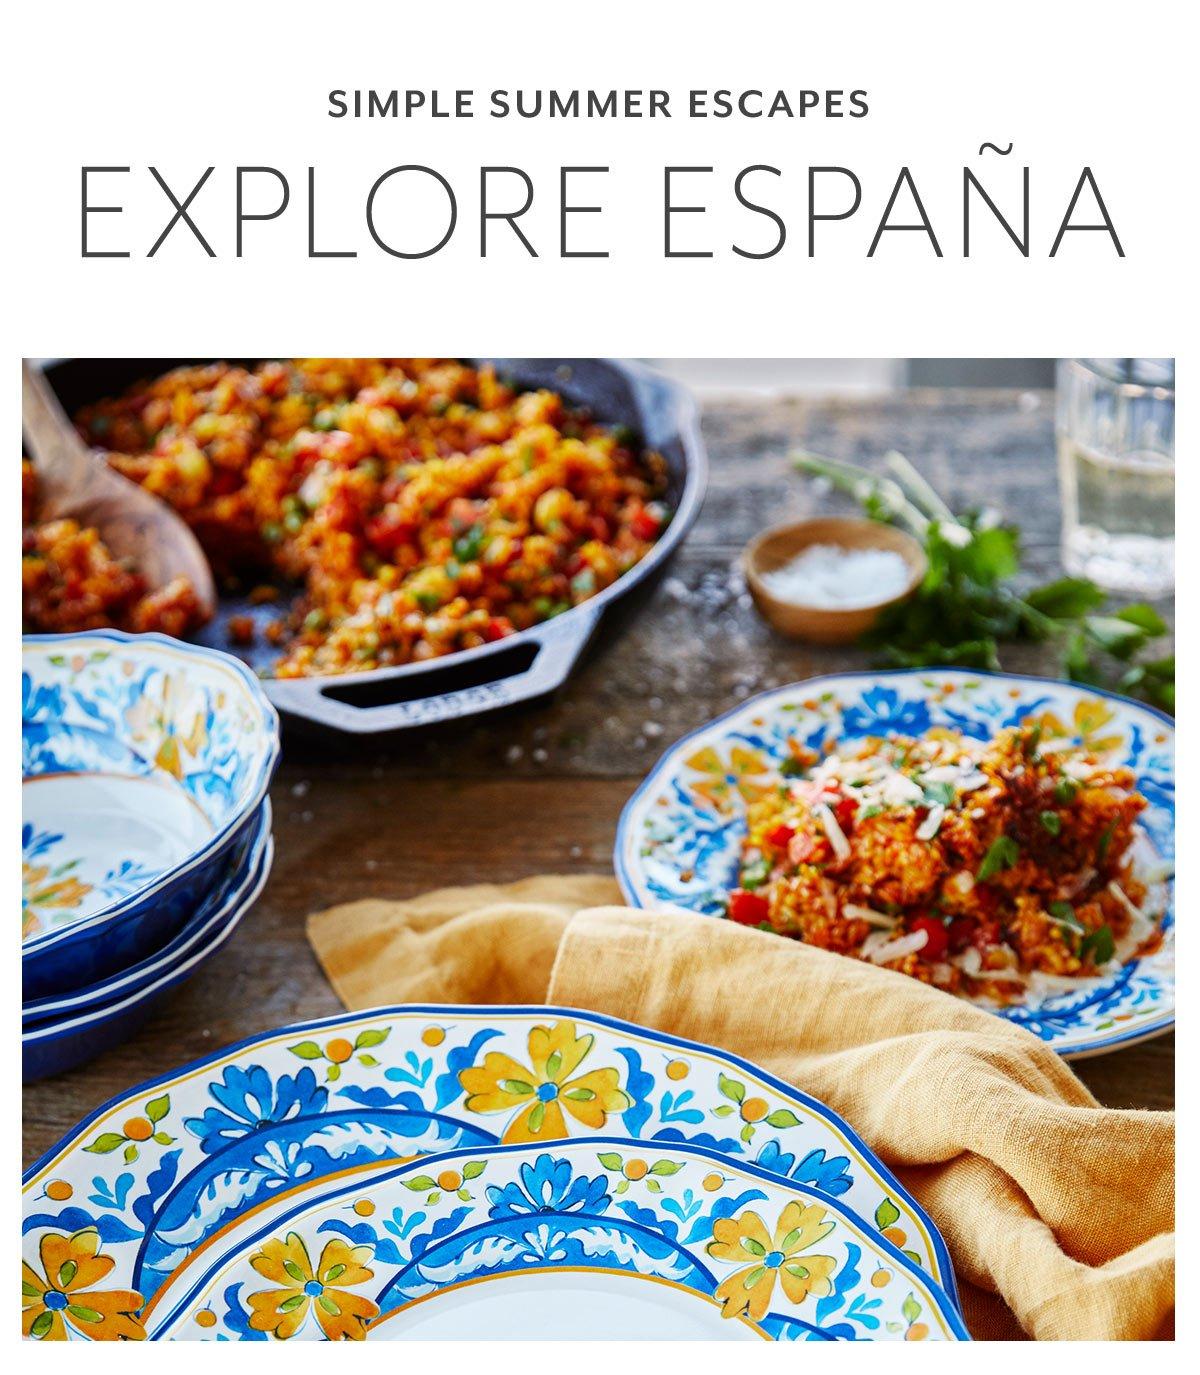 Explore España